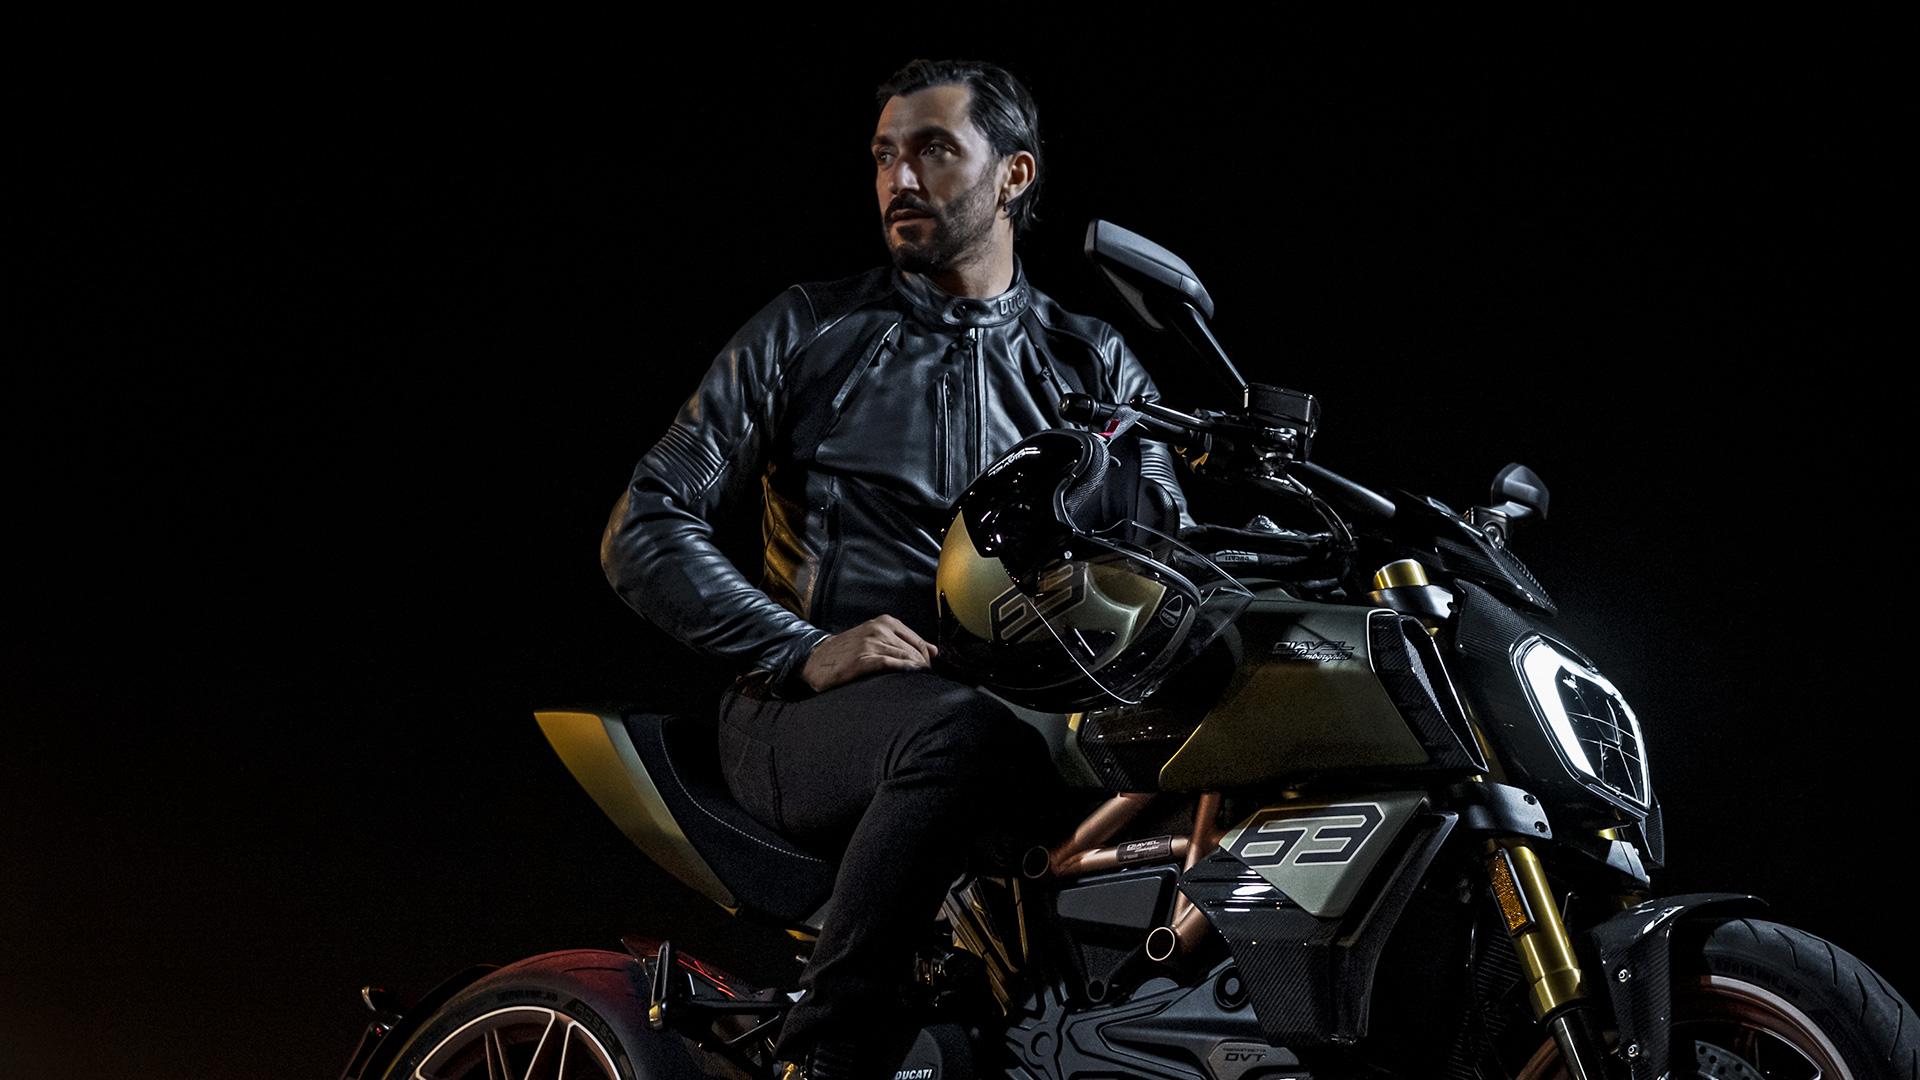 恶魔与狂牛的限量恋曲!「DIAVEL 1260 LAMBORGHINI」-第13张图片-春风行摩托车之家